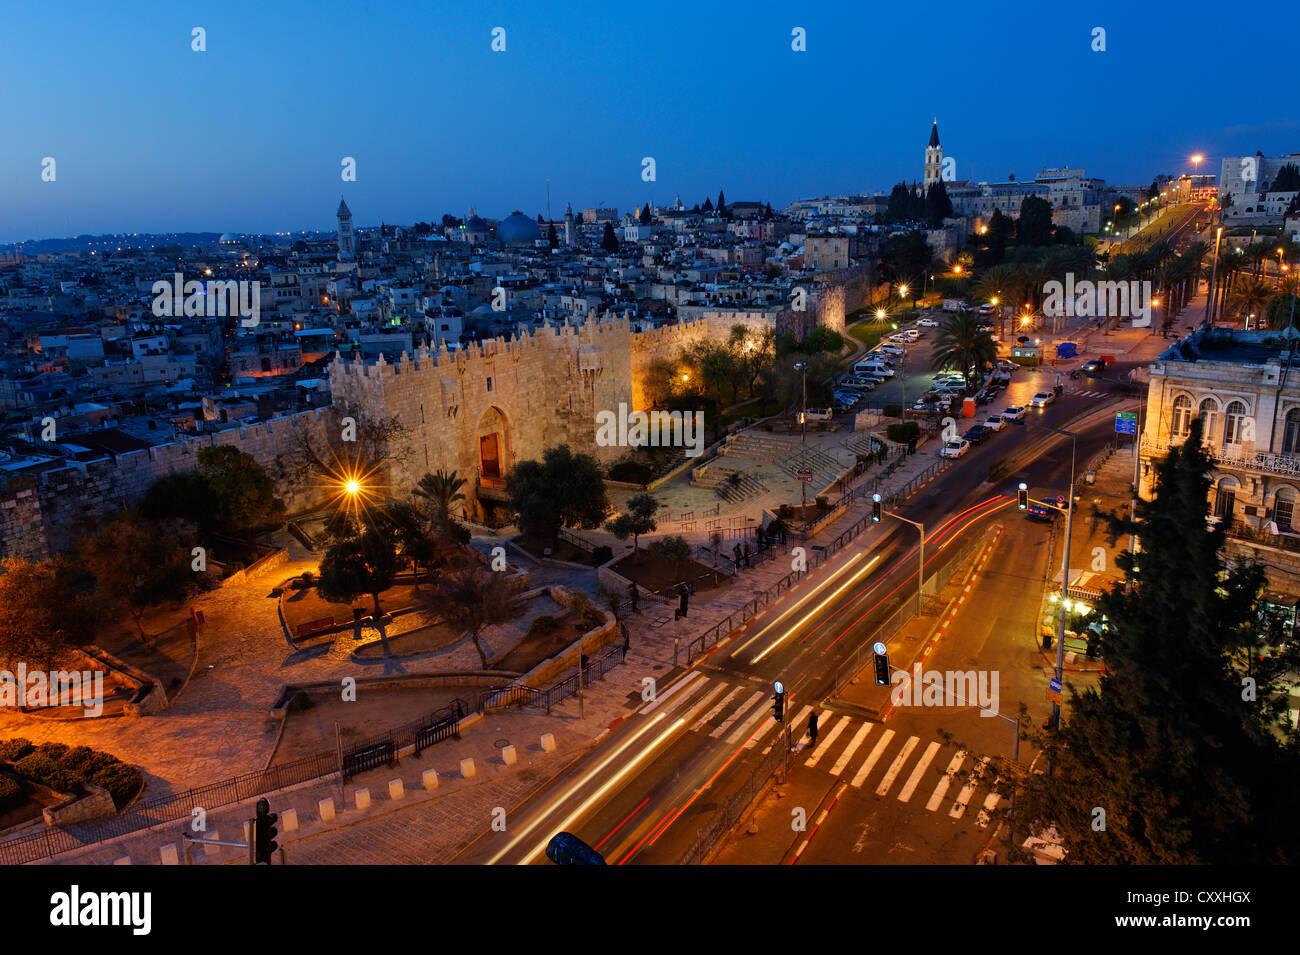 Damaskus-Tor mit Stadtmauern, Abenddämmerung, alte Stadt, Jerusalem, von Paulus Gast Haus, Israel, Nahost Stockbild